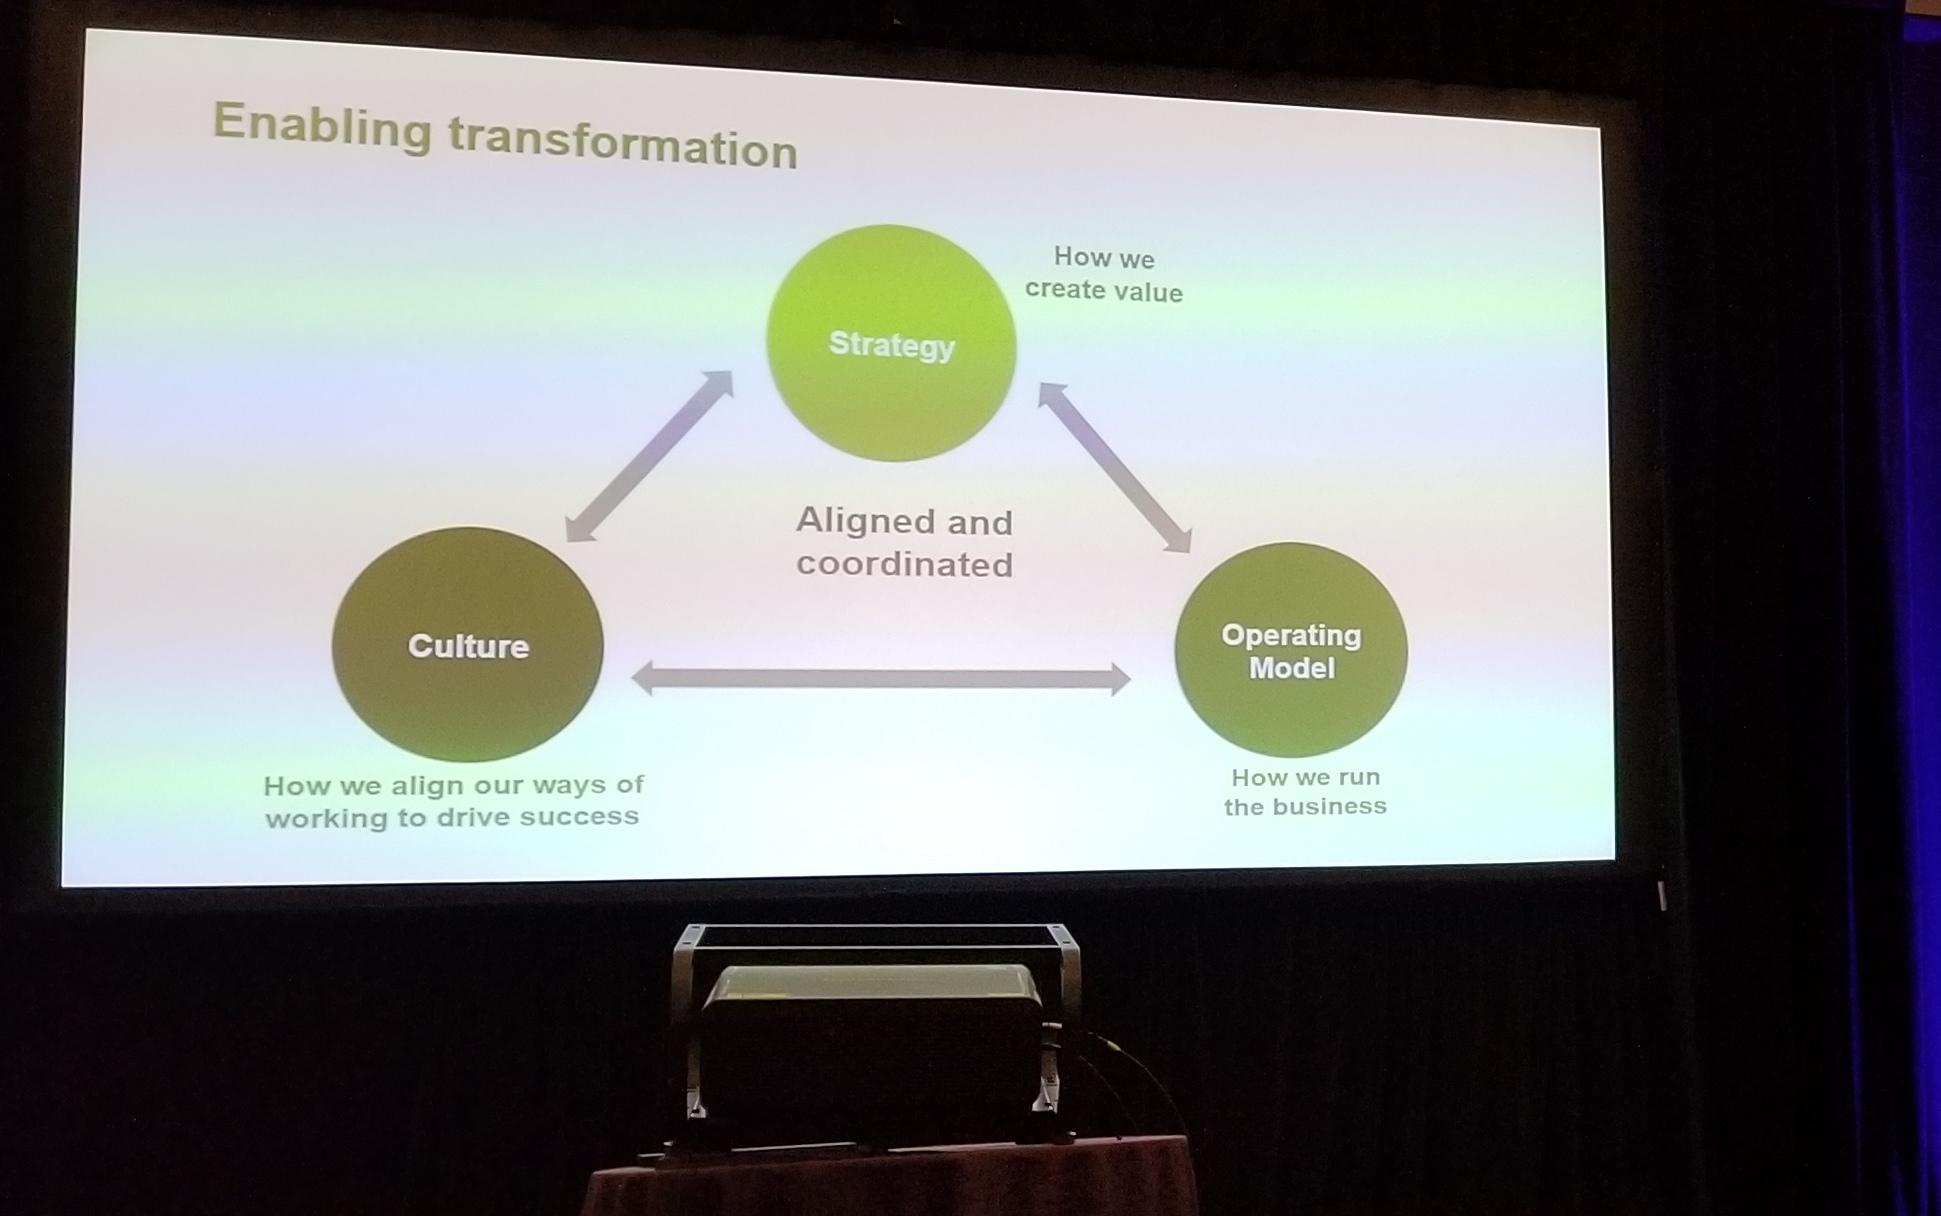 Enabling Transformation